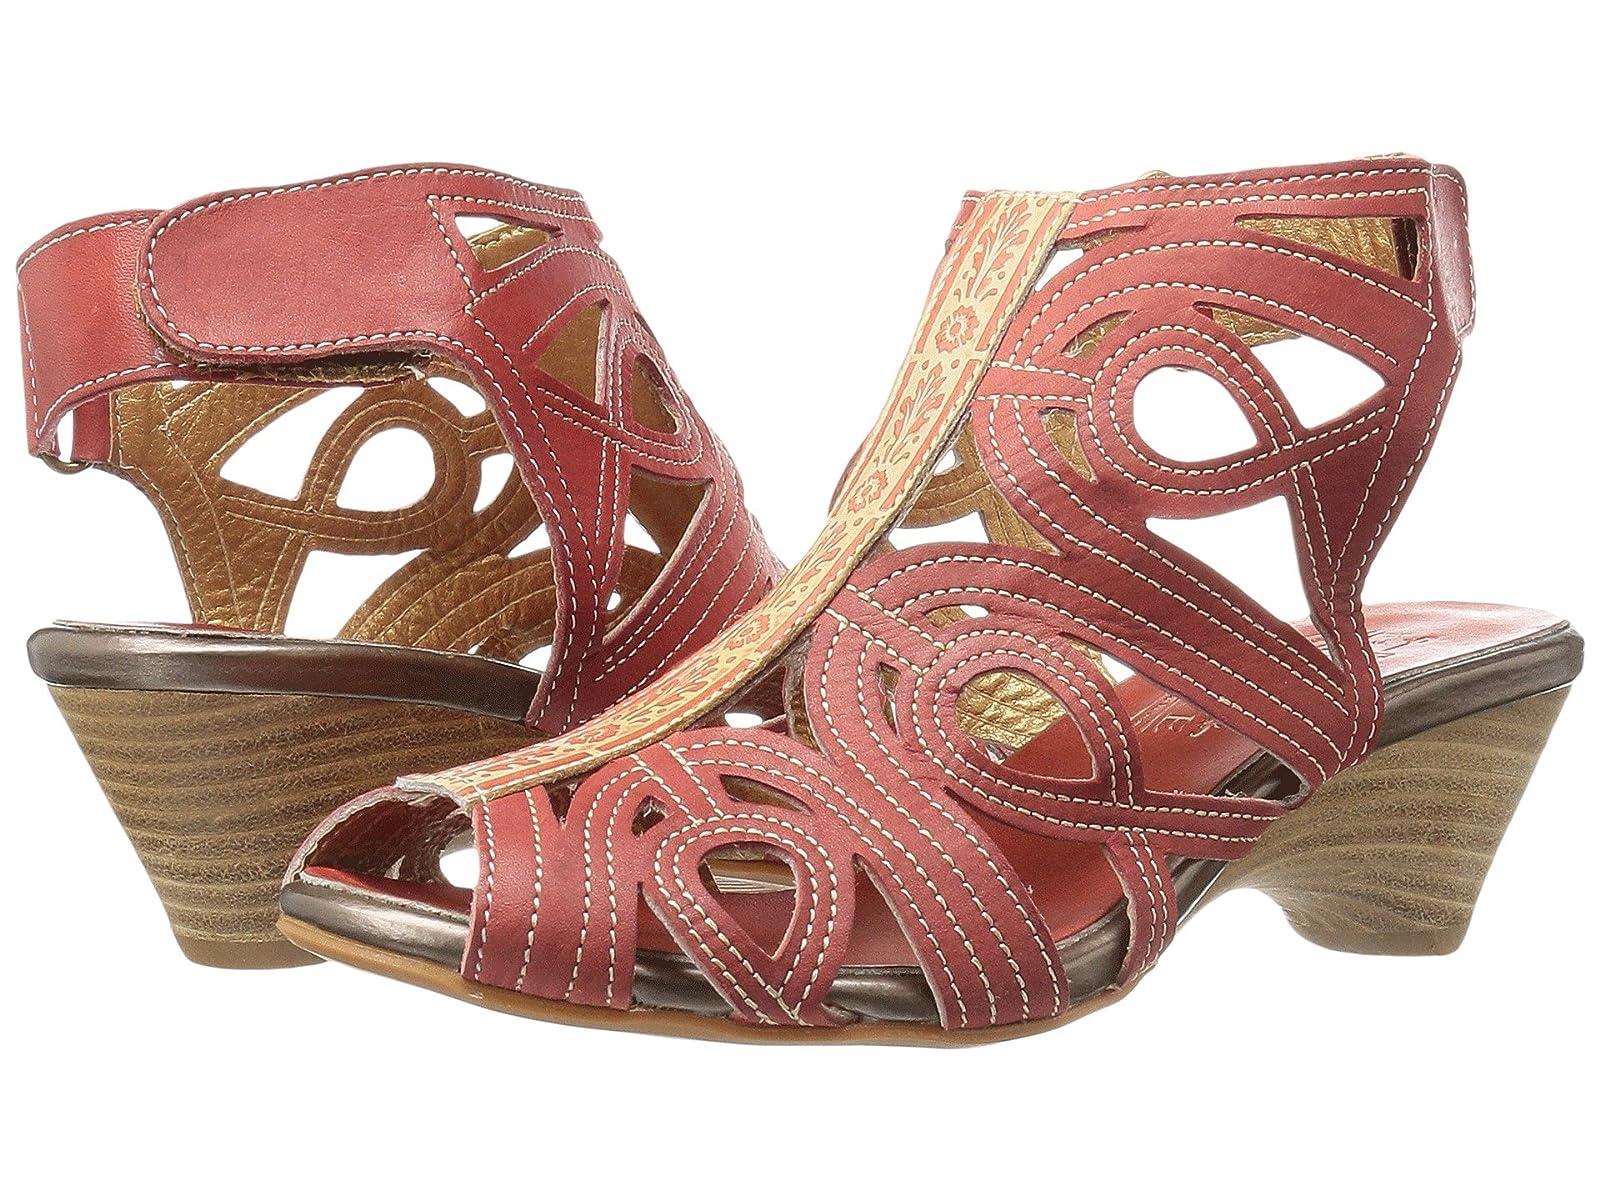 L'Artiste by Spring Step FlourishAtmospheric grades have affordable shoes